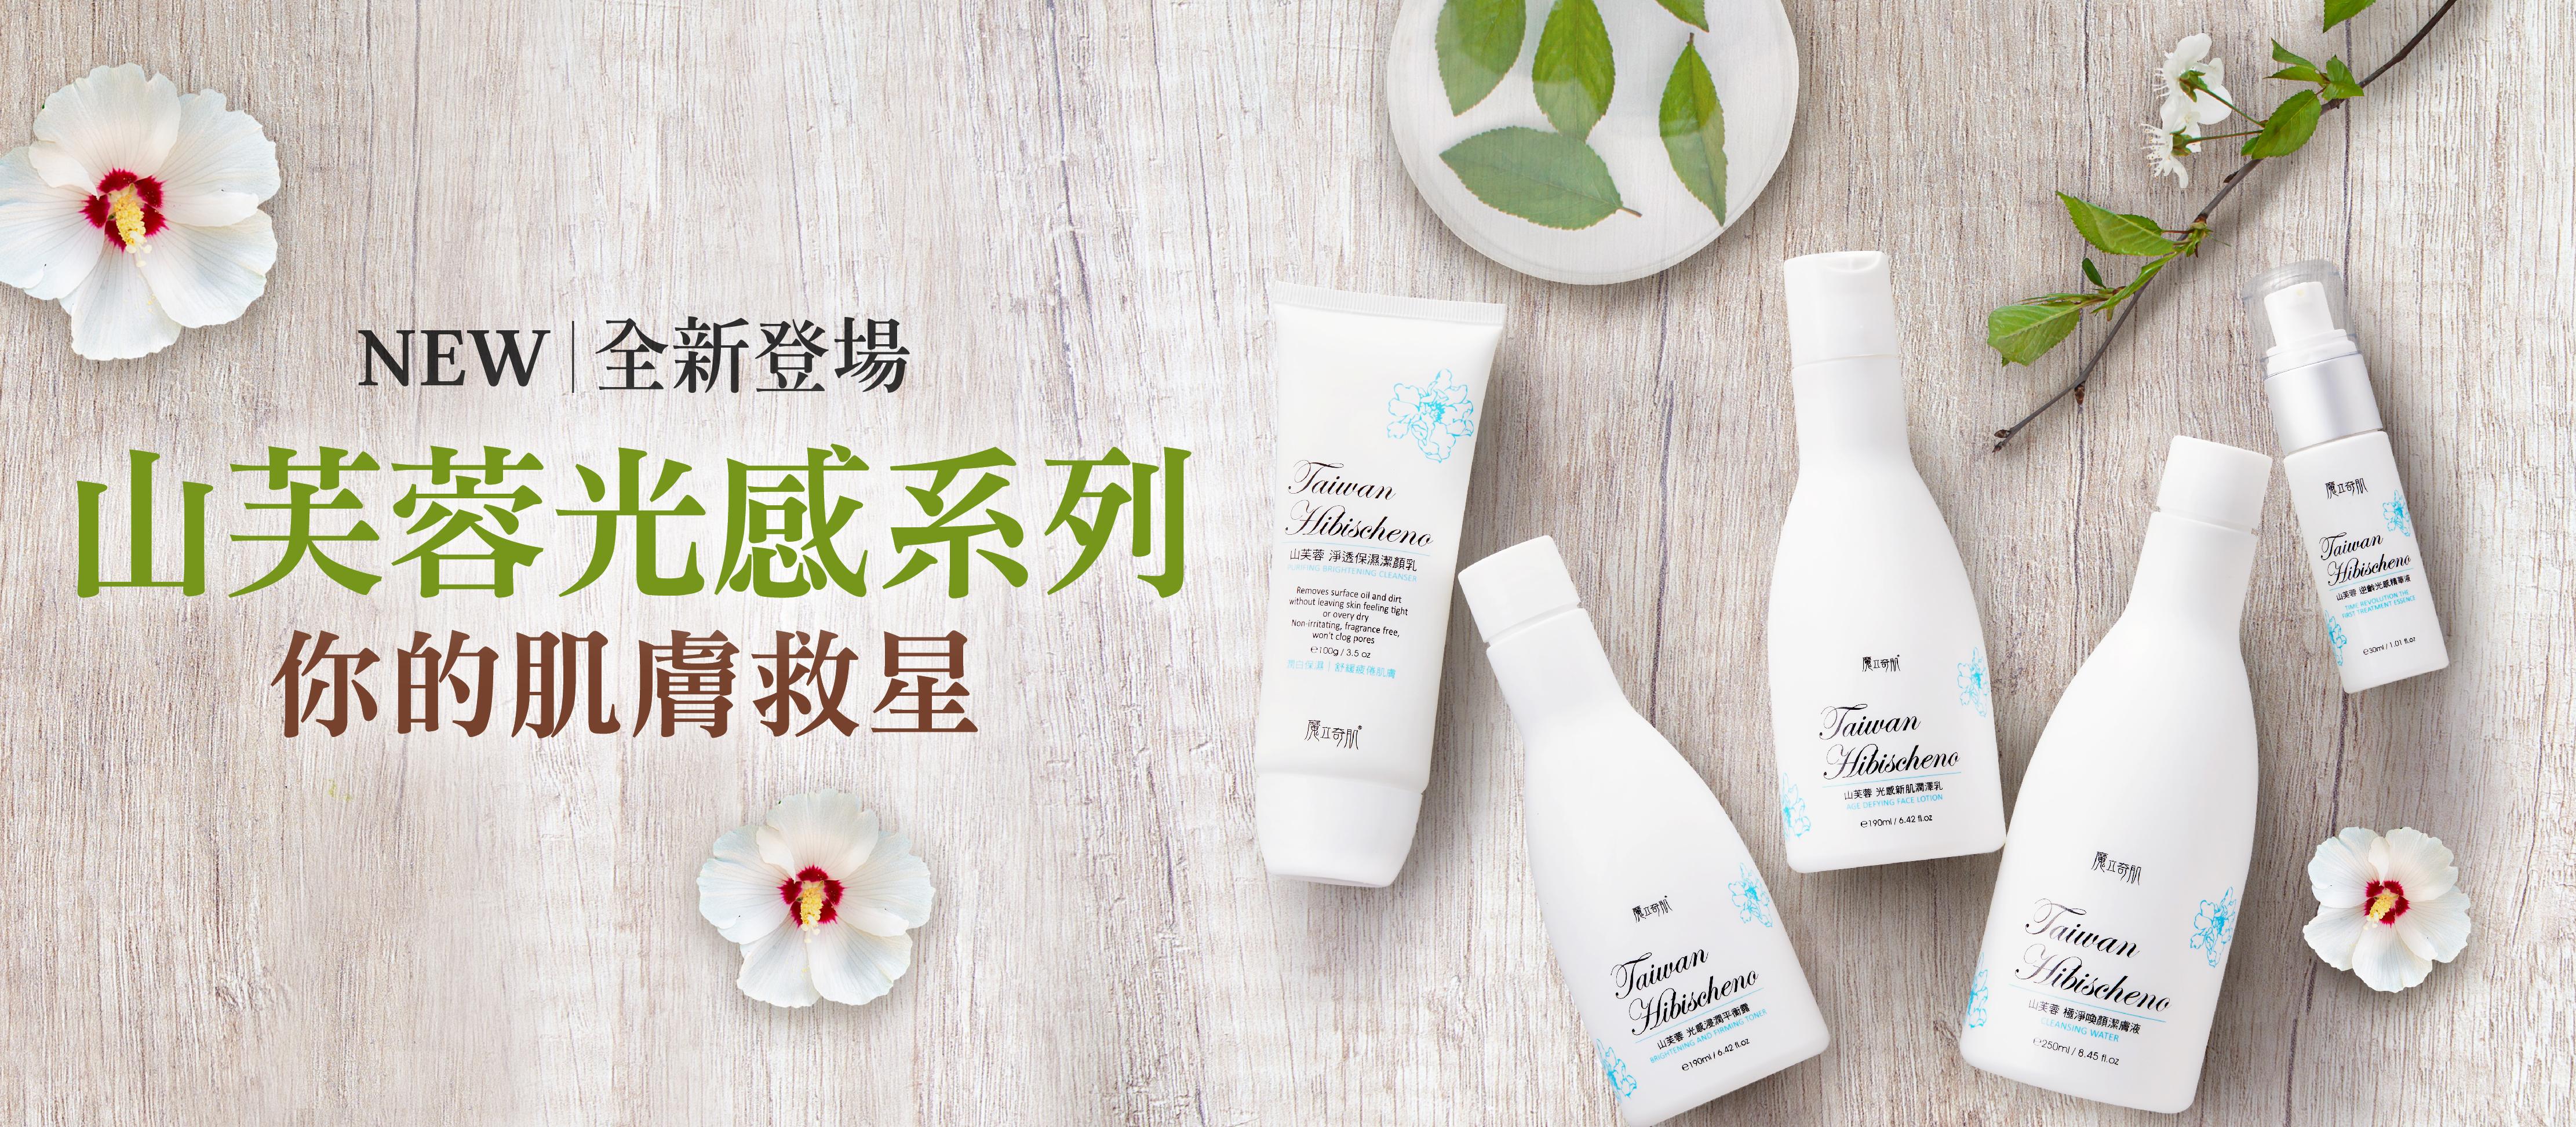 魔立奇肌-台灣國寶-山芙蓉系列-用擦的肌膚營養素